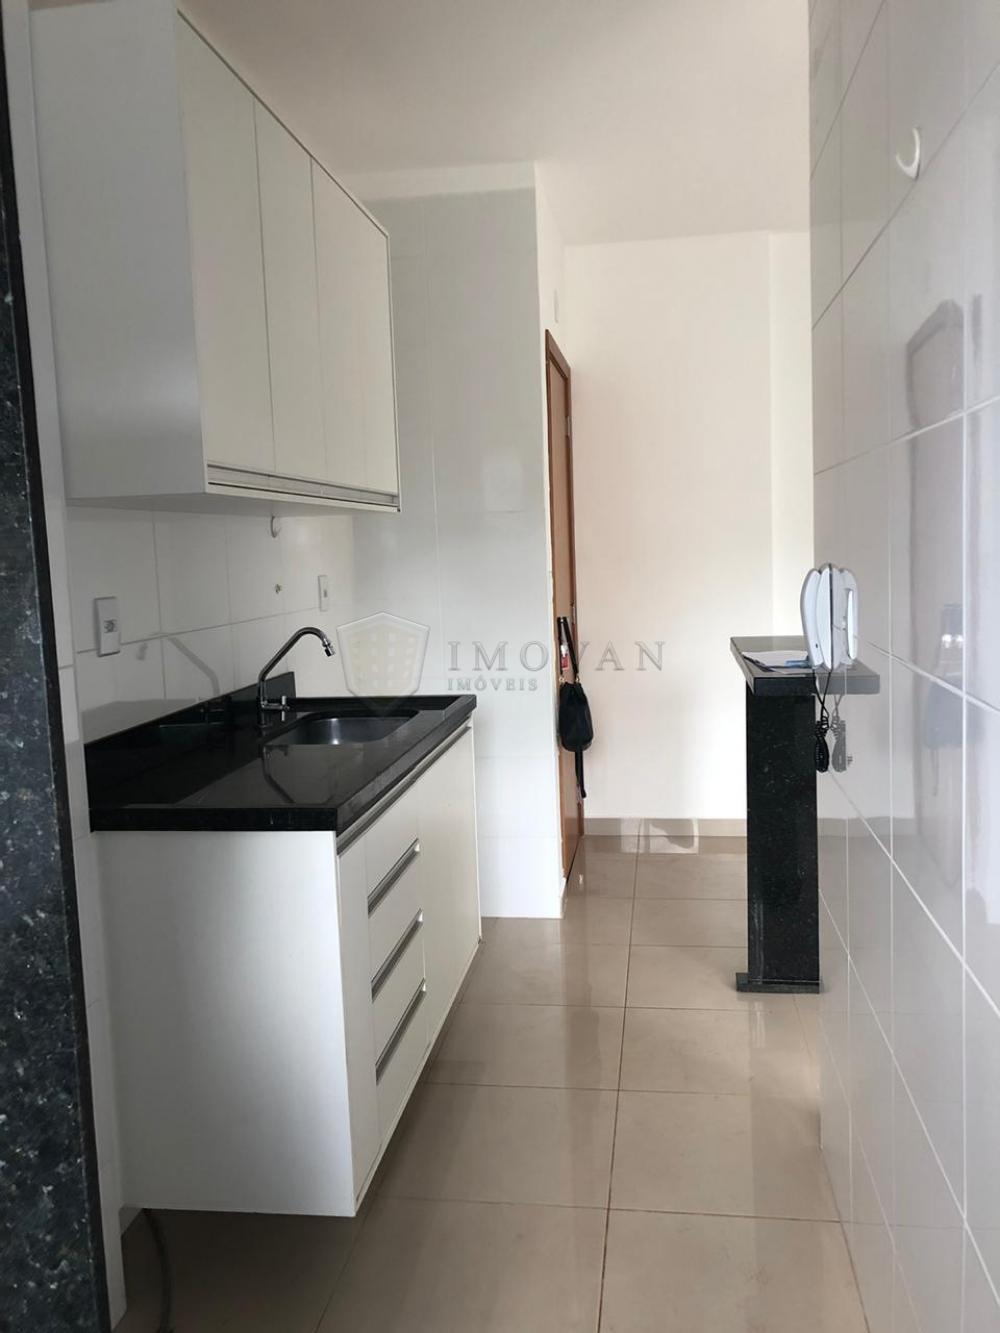 Comprar Apartamento / Padrão em Ribeirão Preto apenas R$ 257.000,00 - Foto 8